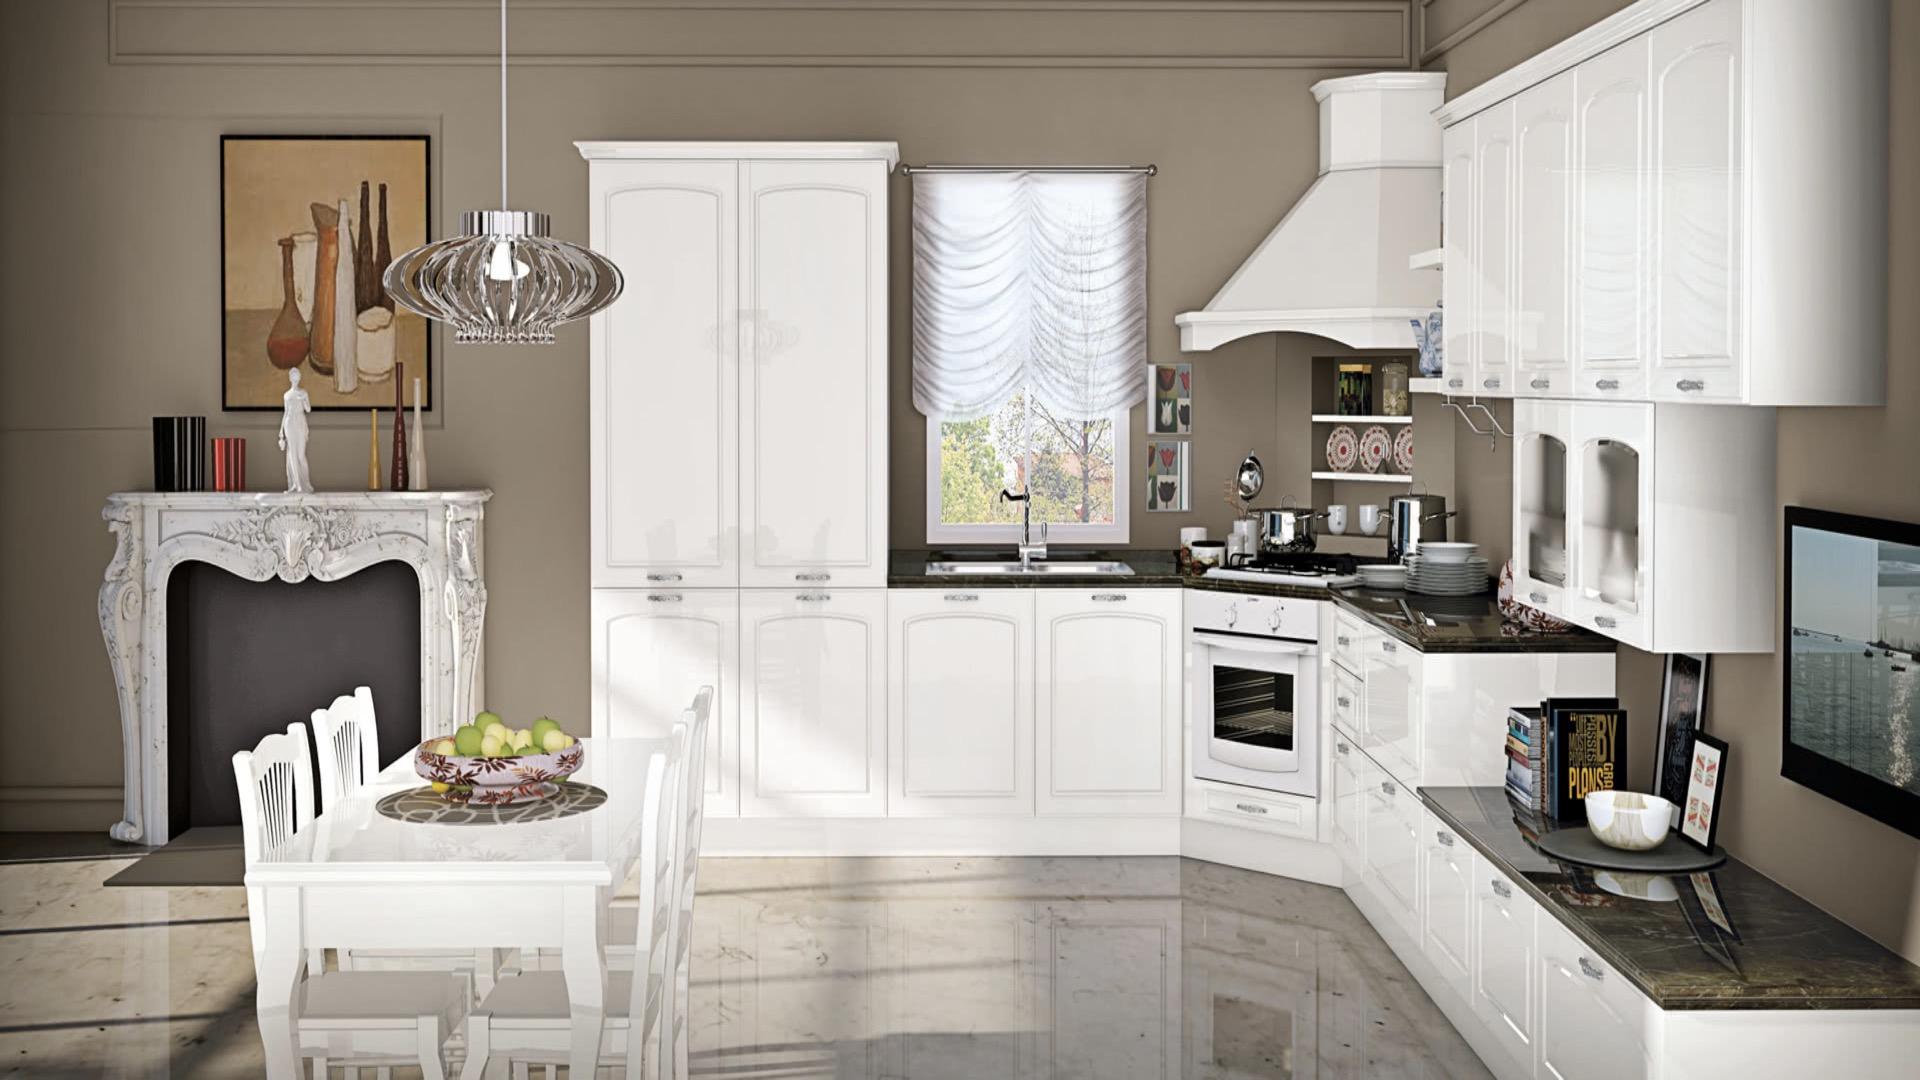 Cucine-Creo-Classiche-CR - ELIN